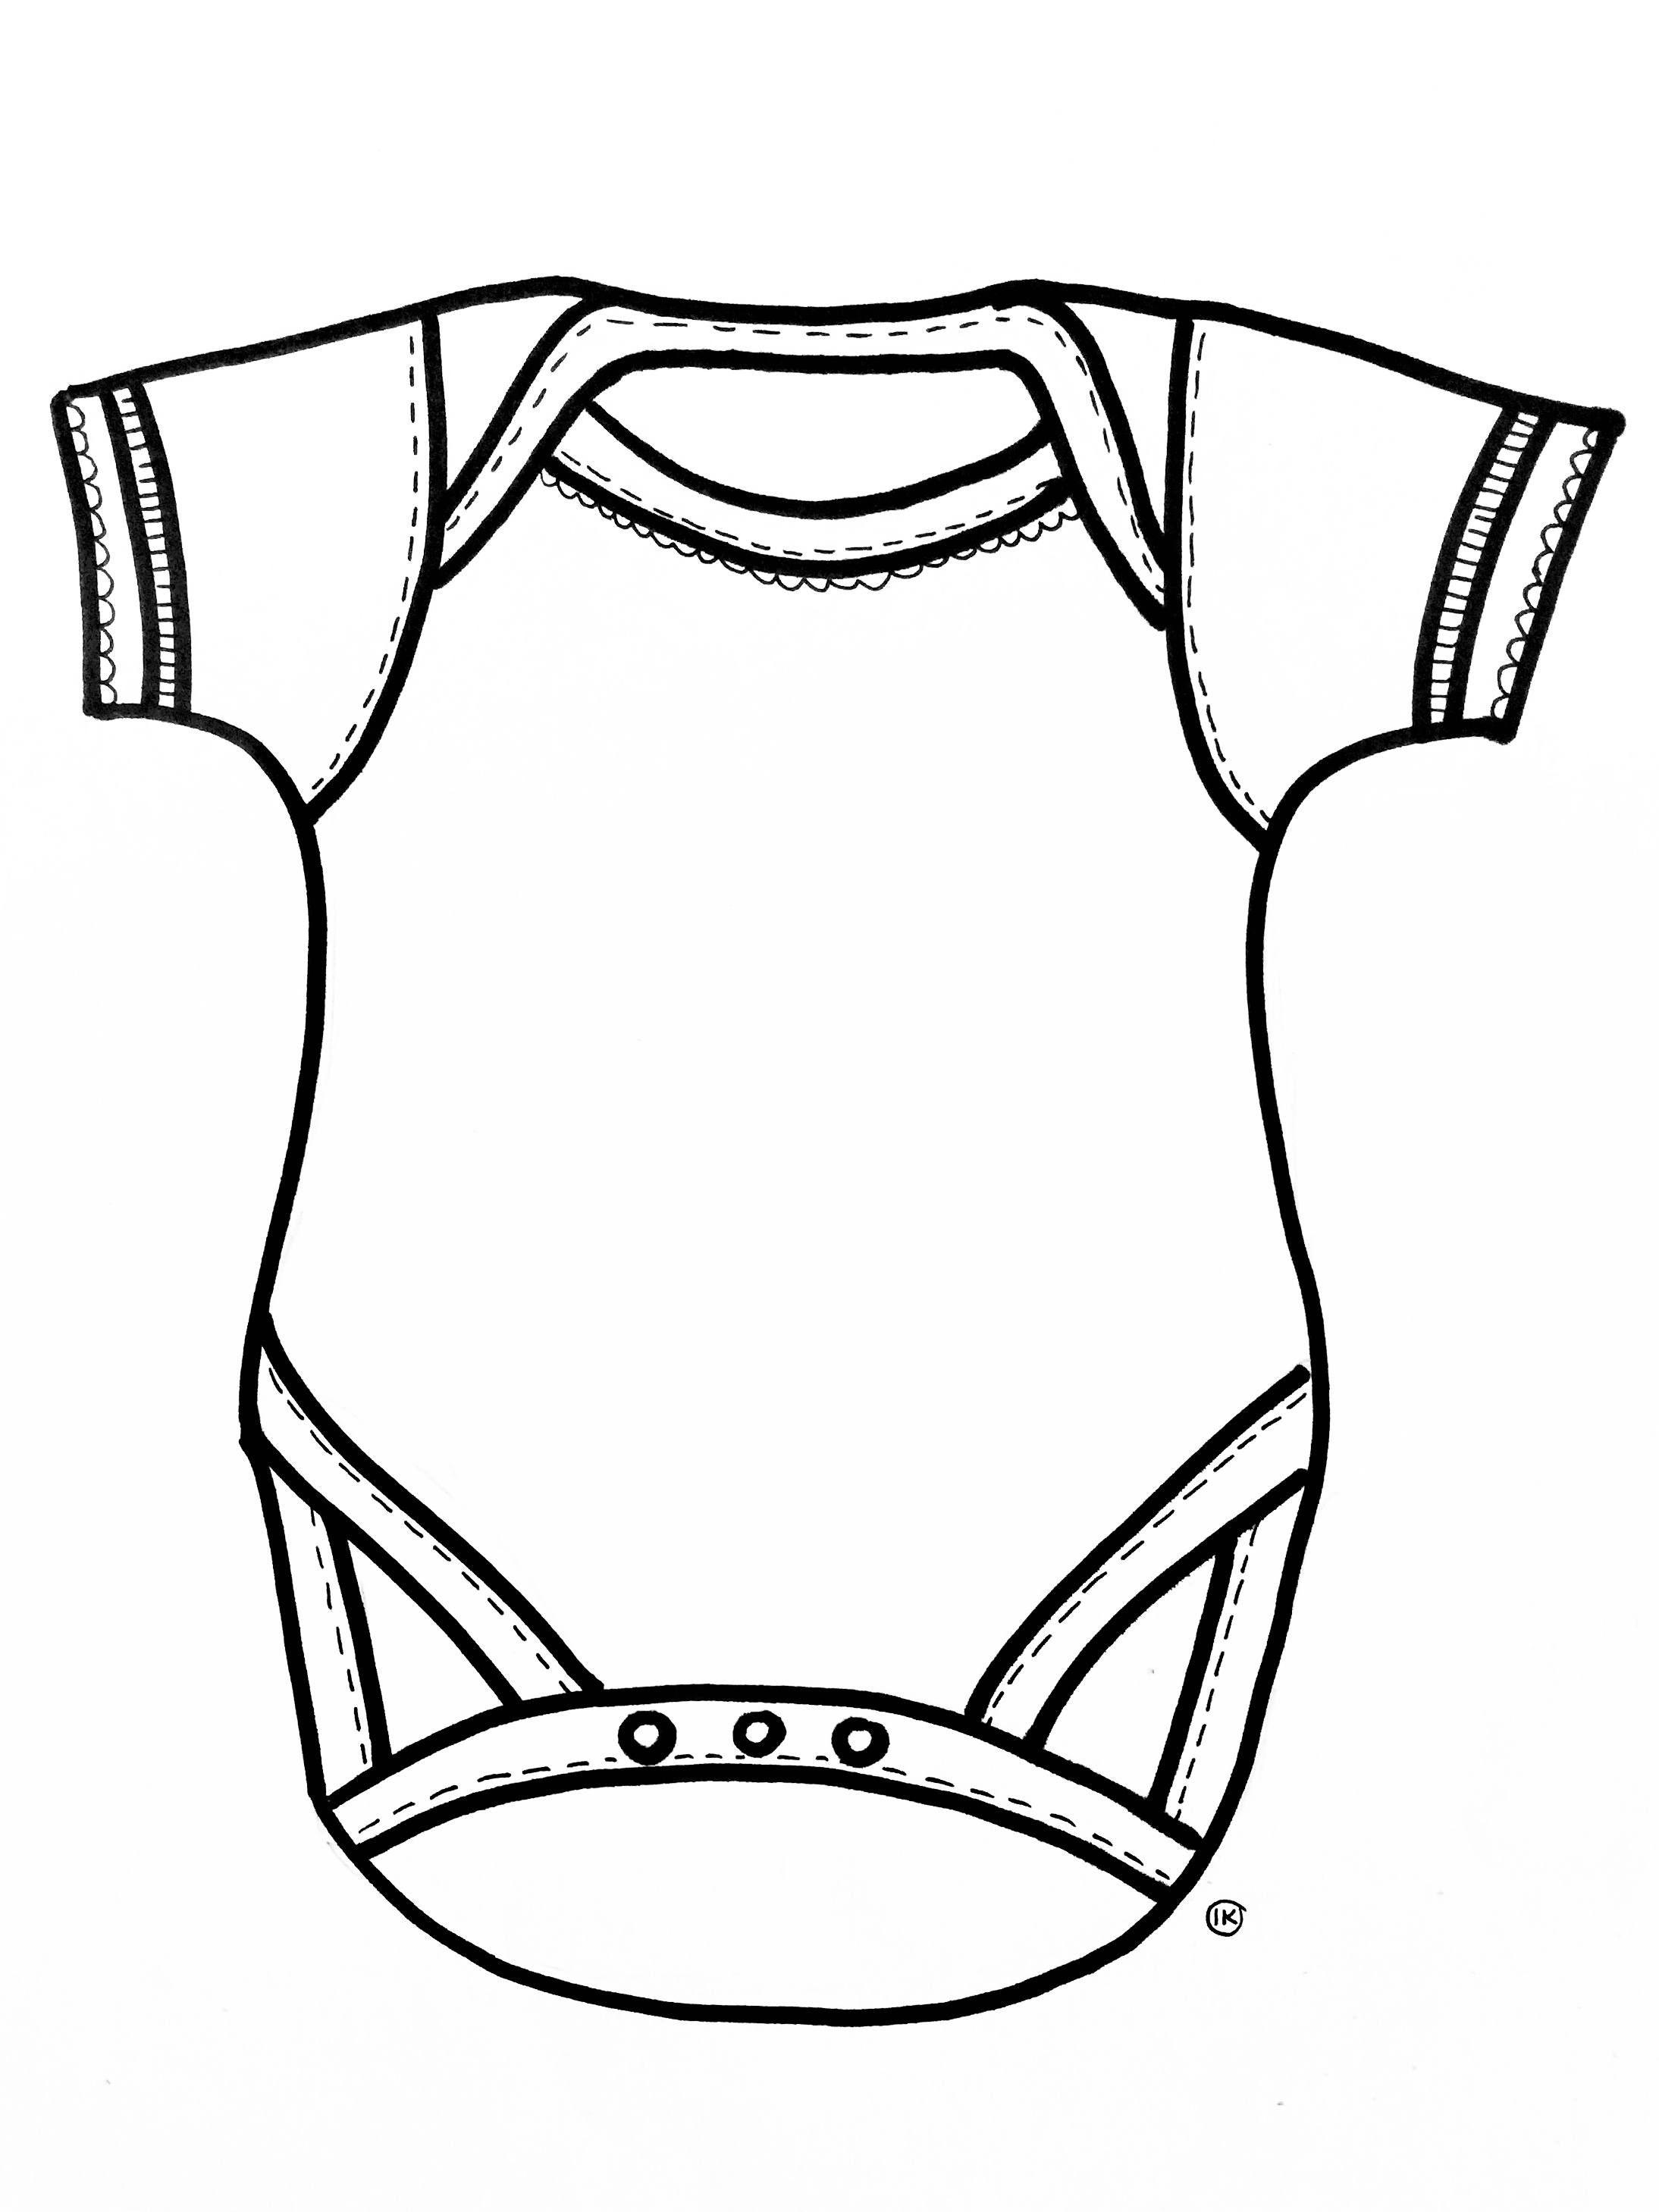 Baby Kleurplaten Geboorte Kraamcadeau Babyshower Kleurplaat Baby Geboren Baby Kleurpl Knutselen Thema Baby Knutselen Zwangerschapsverlof Baby Knutselen